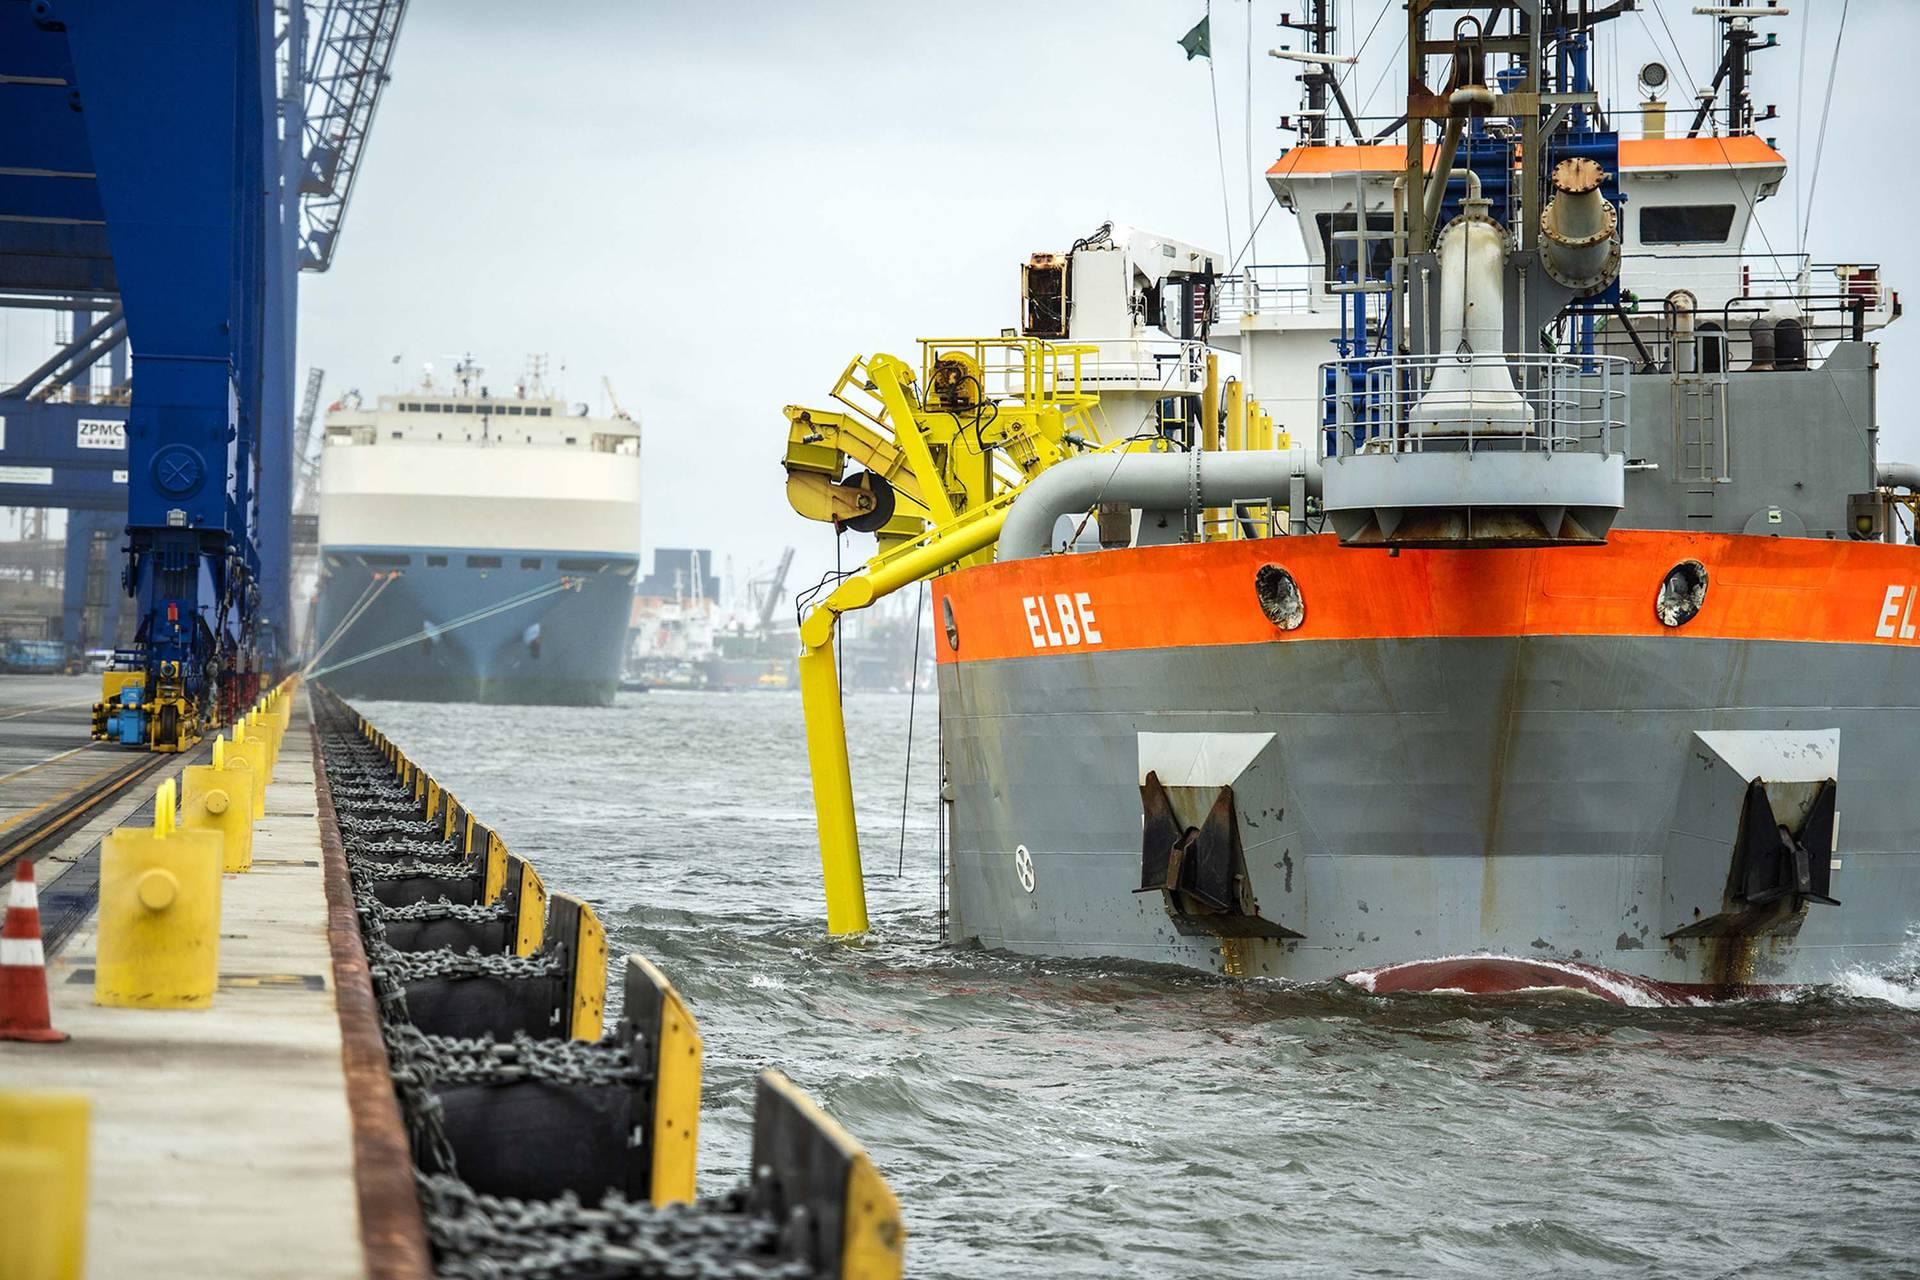 Obra de manutenção vai manter a profundidade mantida nos berços é de 13,5 metros e de 11 metros no píer.